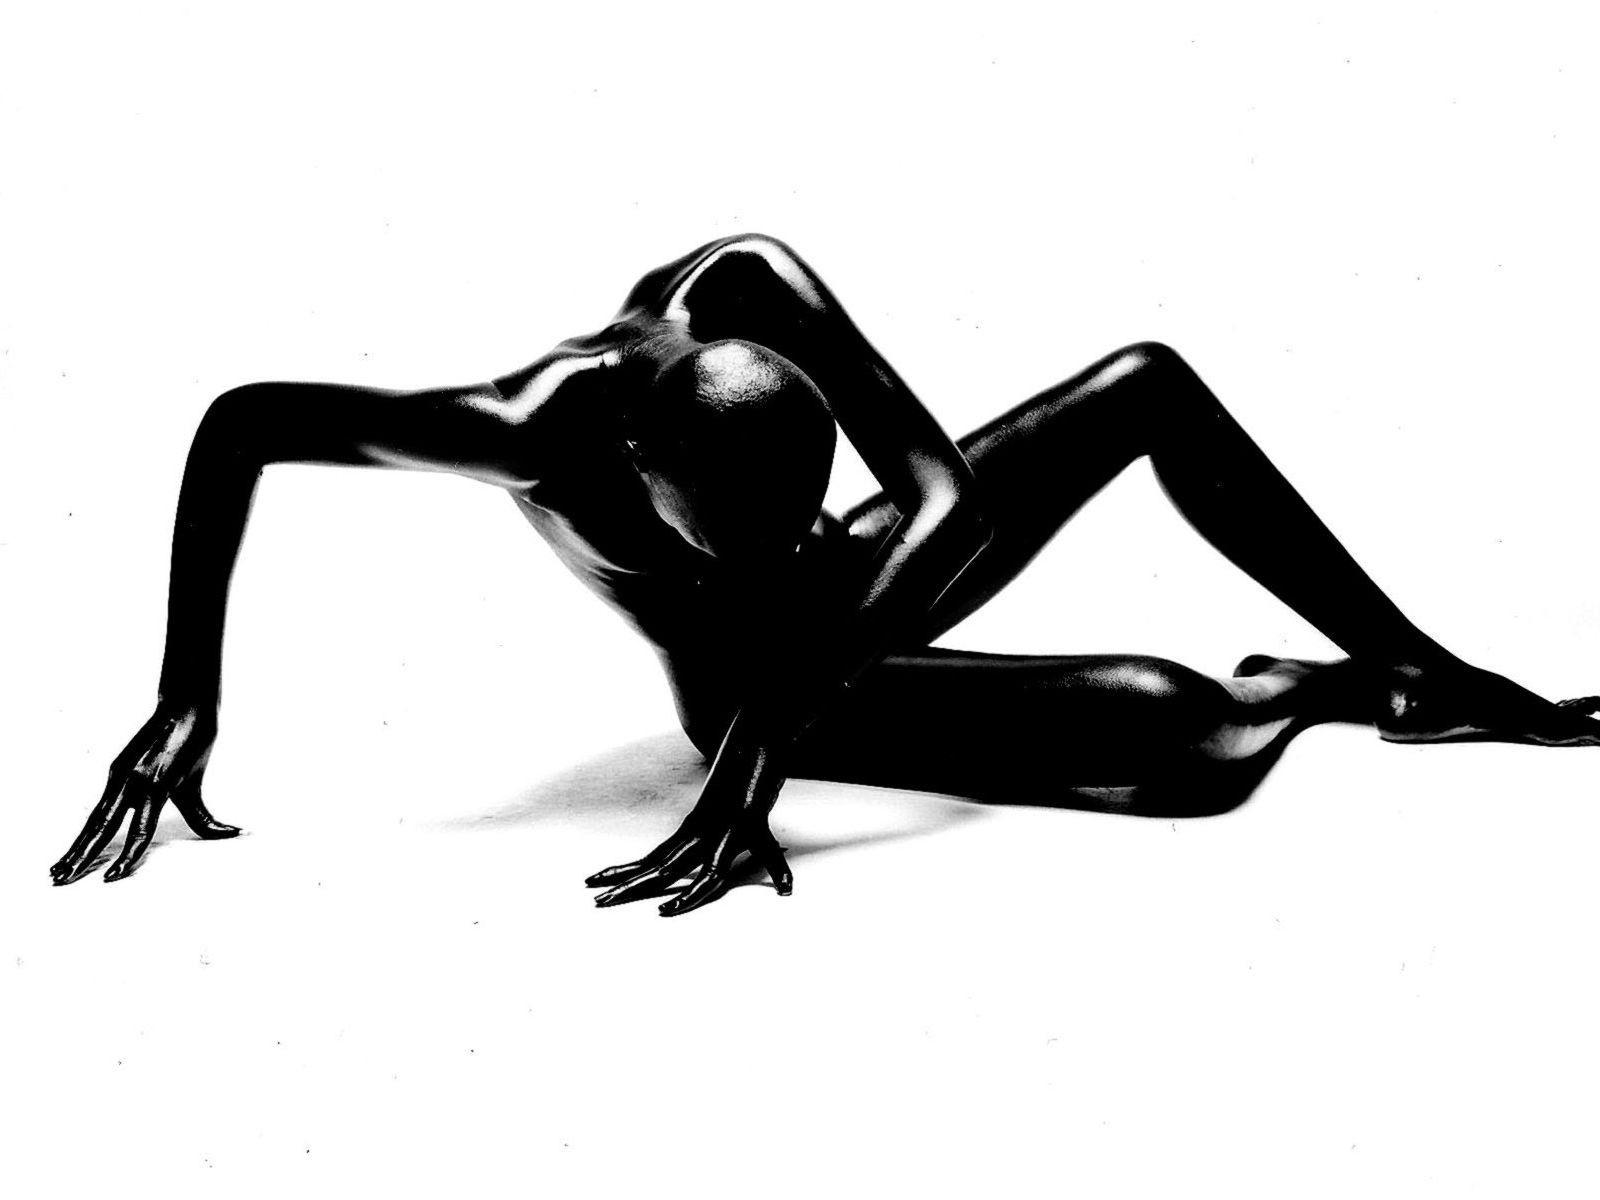 wallpaper figura hombre negro